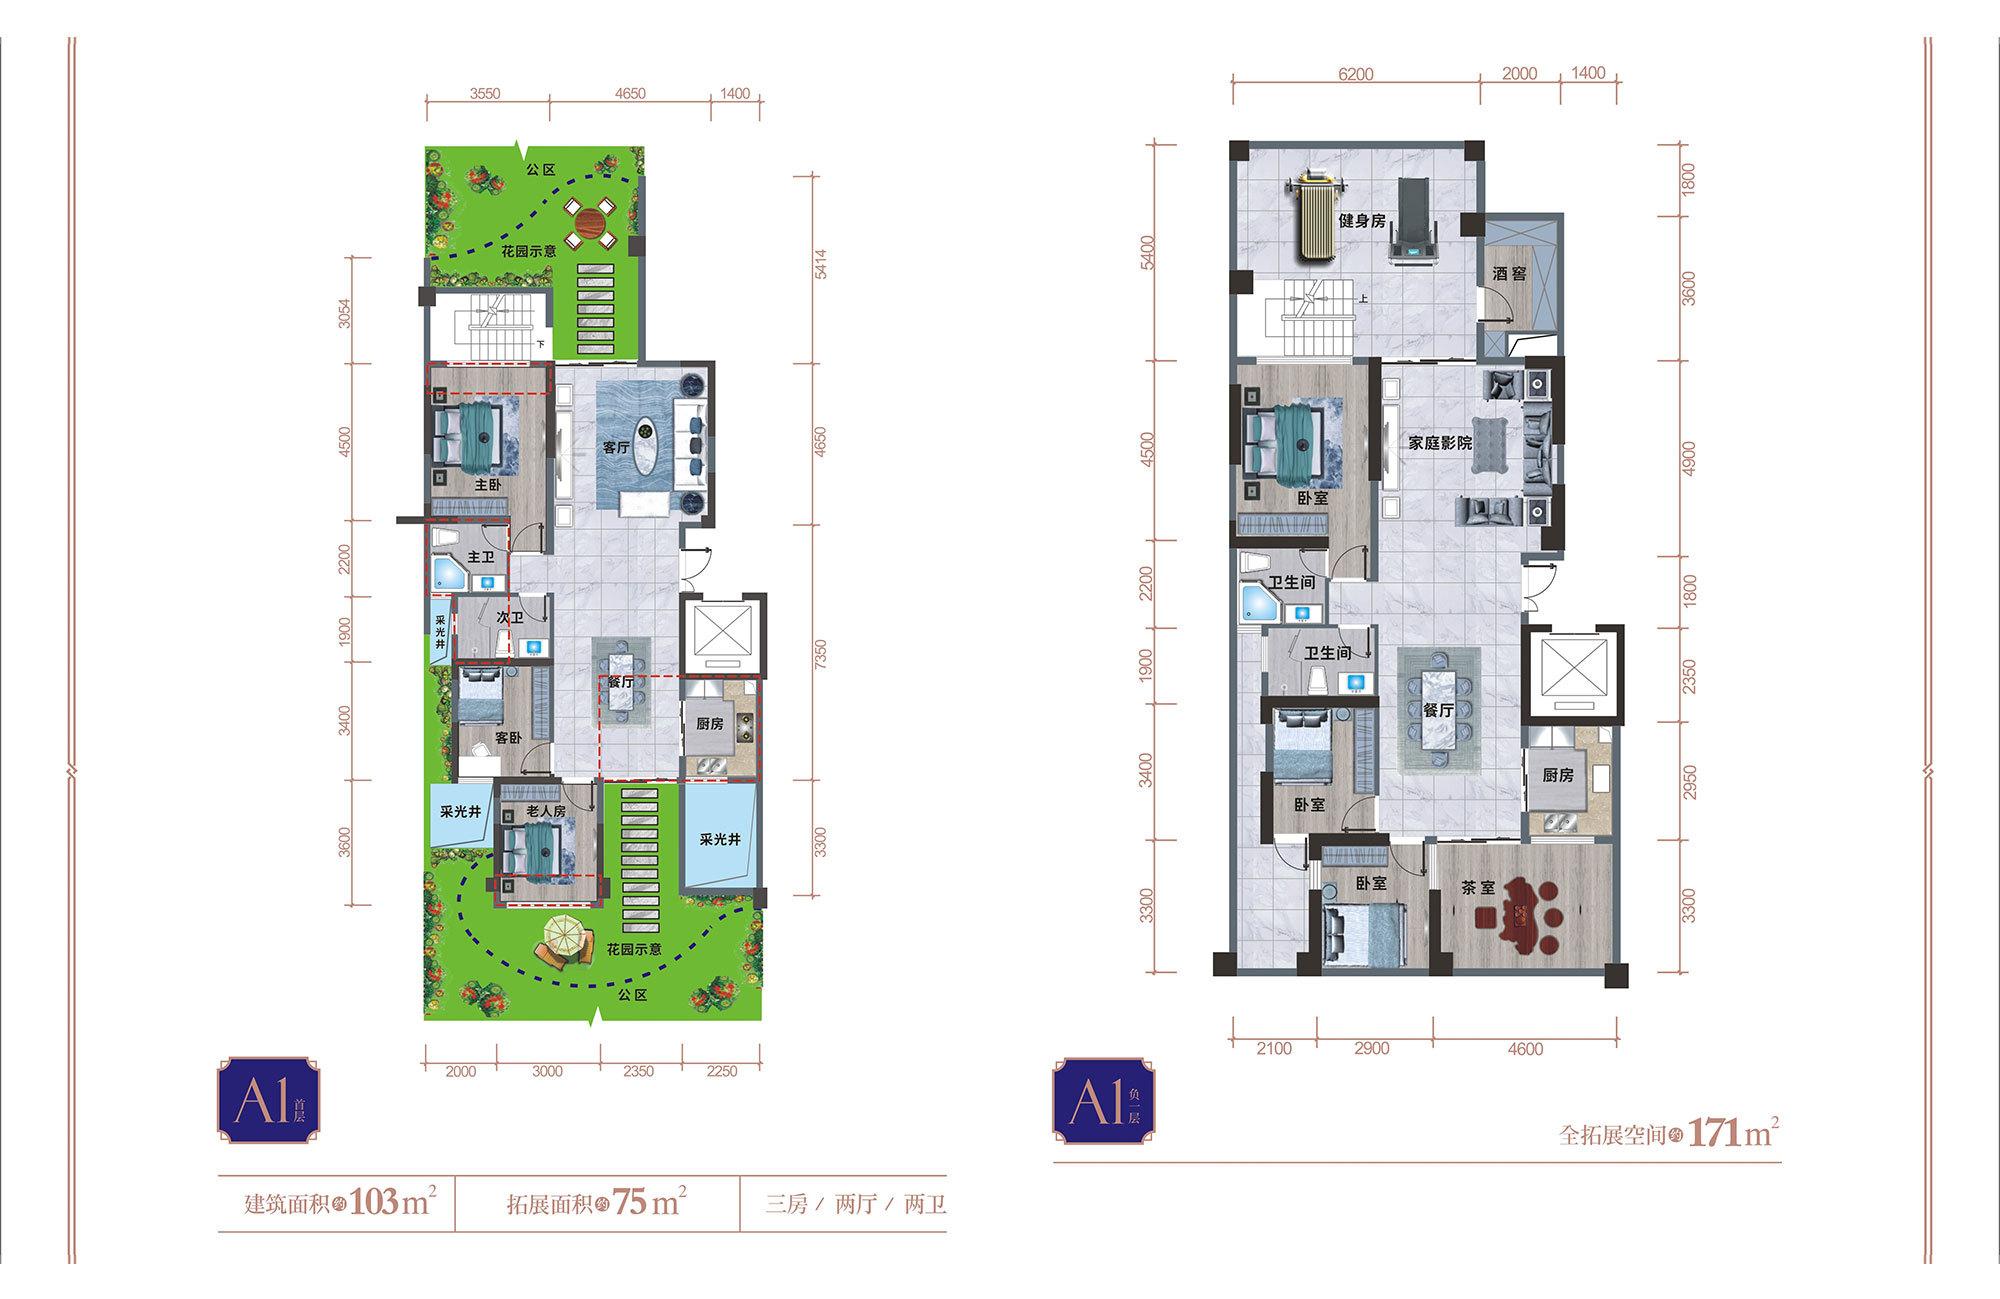 清凤龙栖海岸 A1户型 3房2厅2卫 建筑面积约103㎡